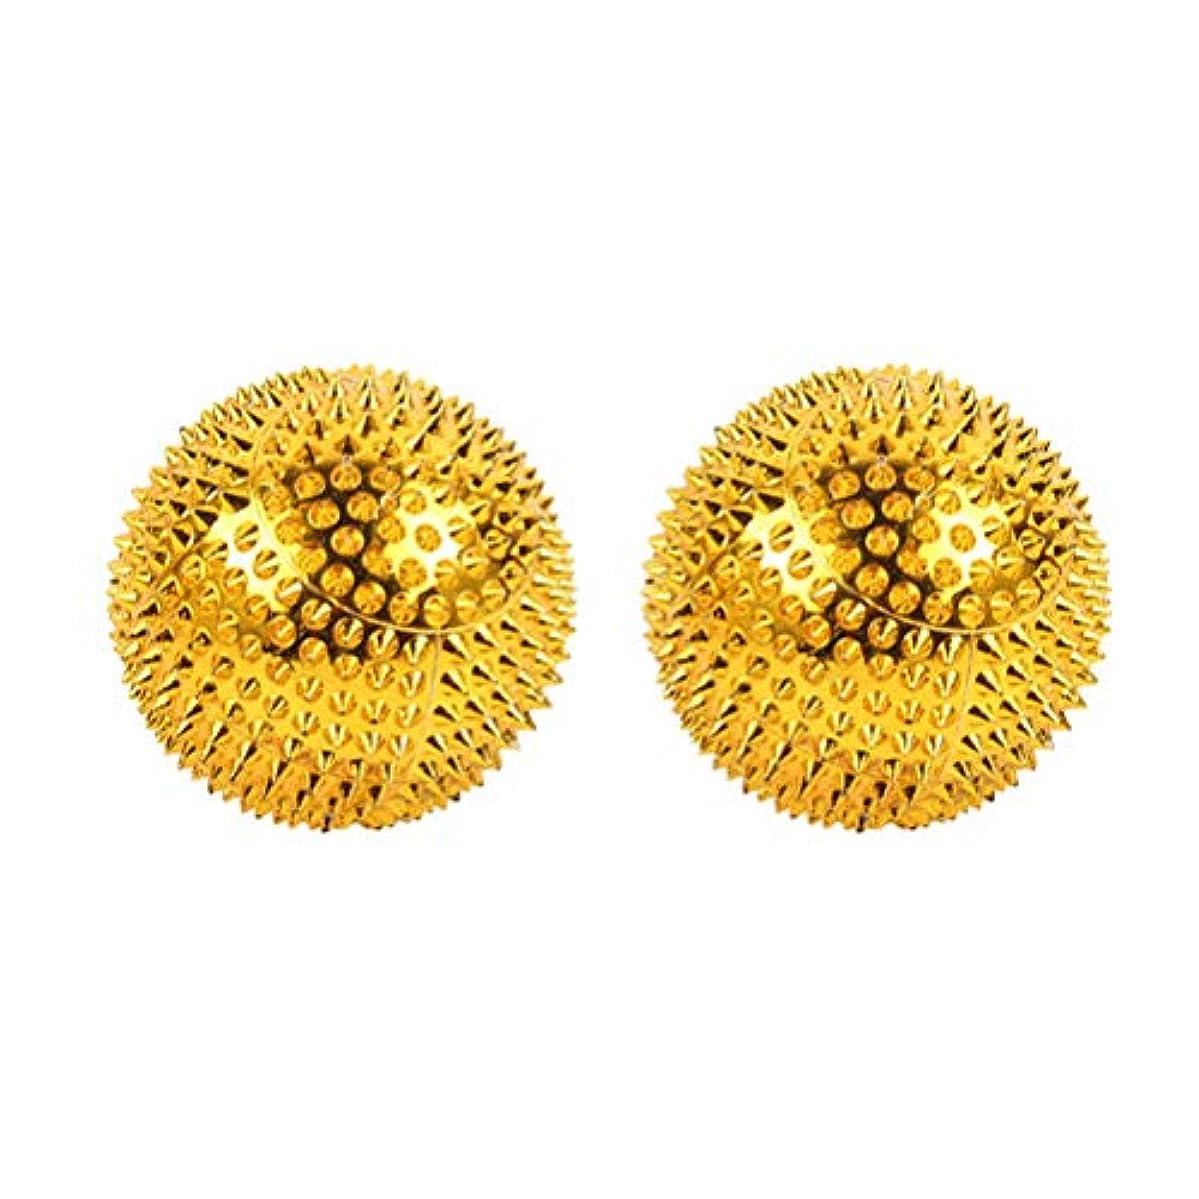 パテ収まる方向Healifty ボディマッサージャーボール2本磁気ローリングマッサージボールとがった鍼灸ボール指圧マッサージ(ゴールデン)